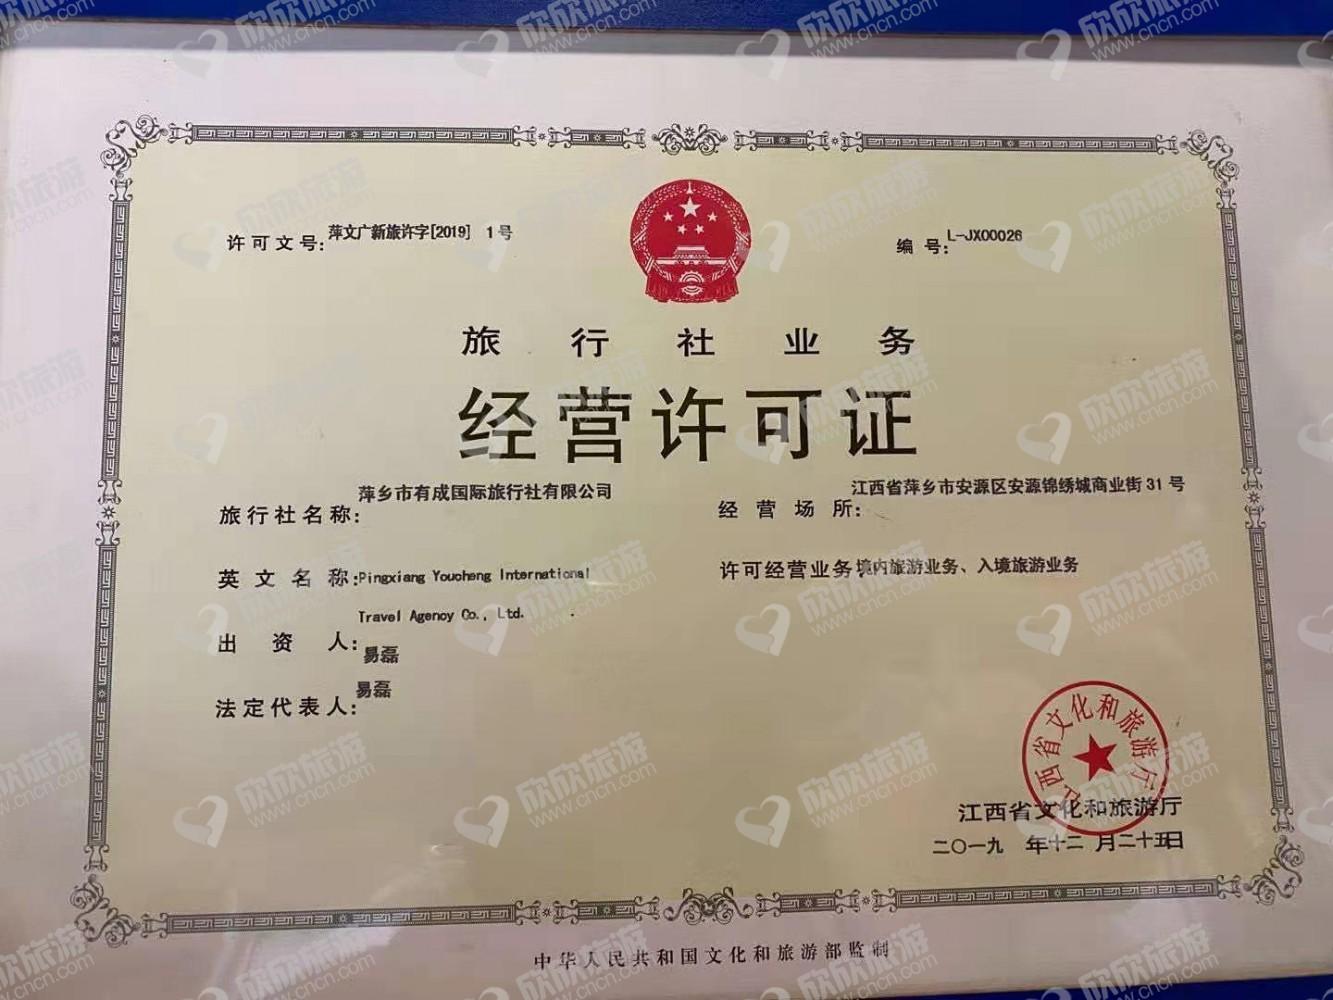 萍乡市有成国际旅行社有限公司经营许可证